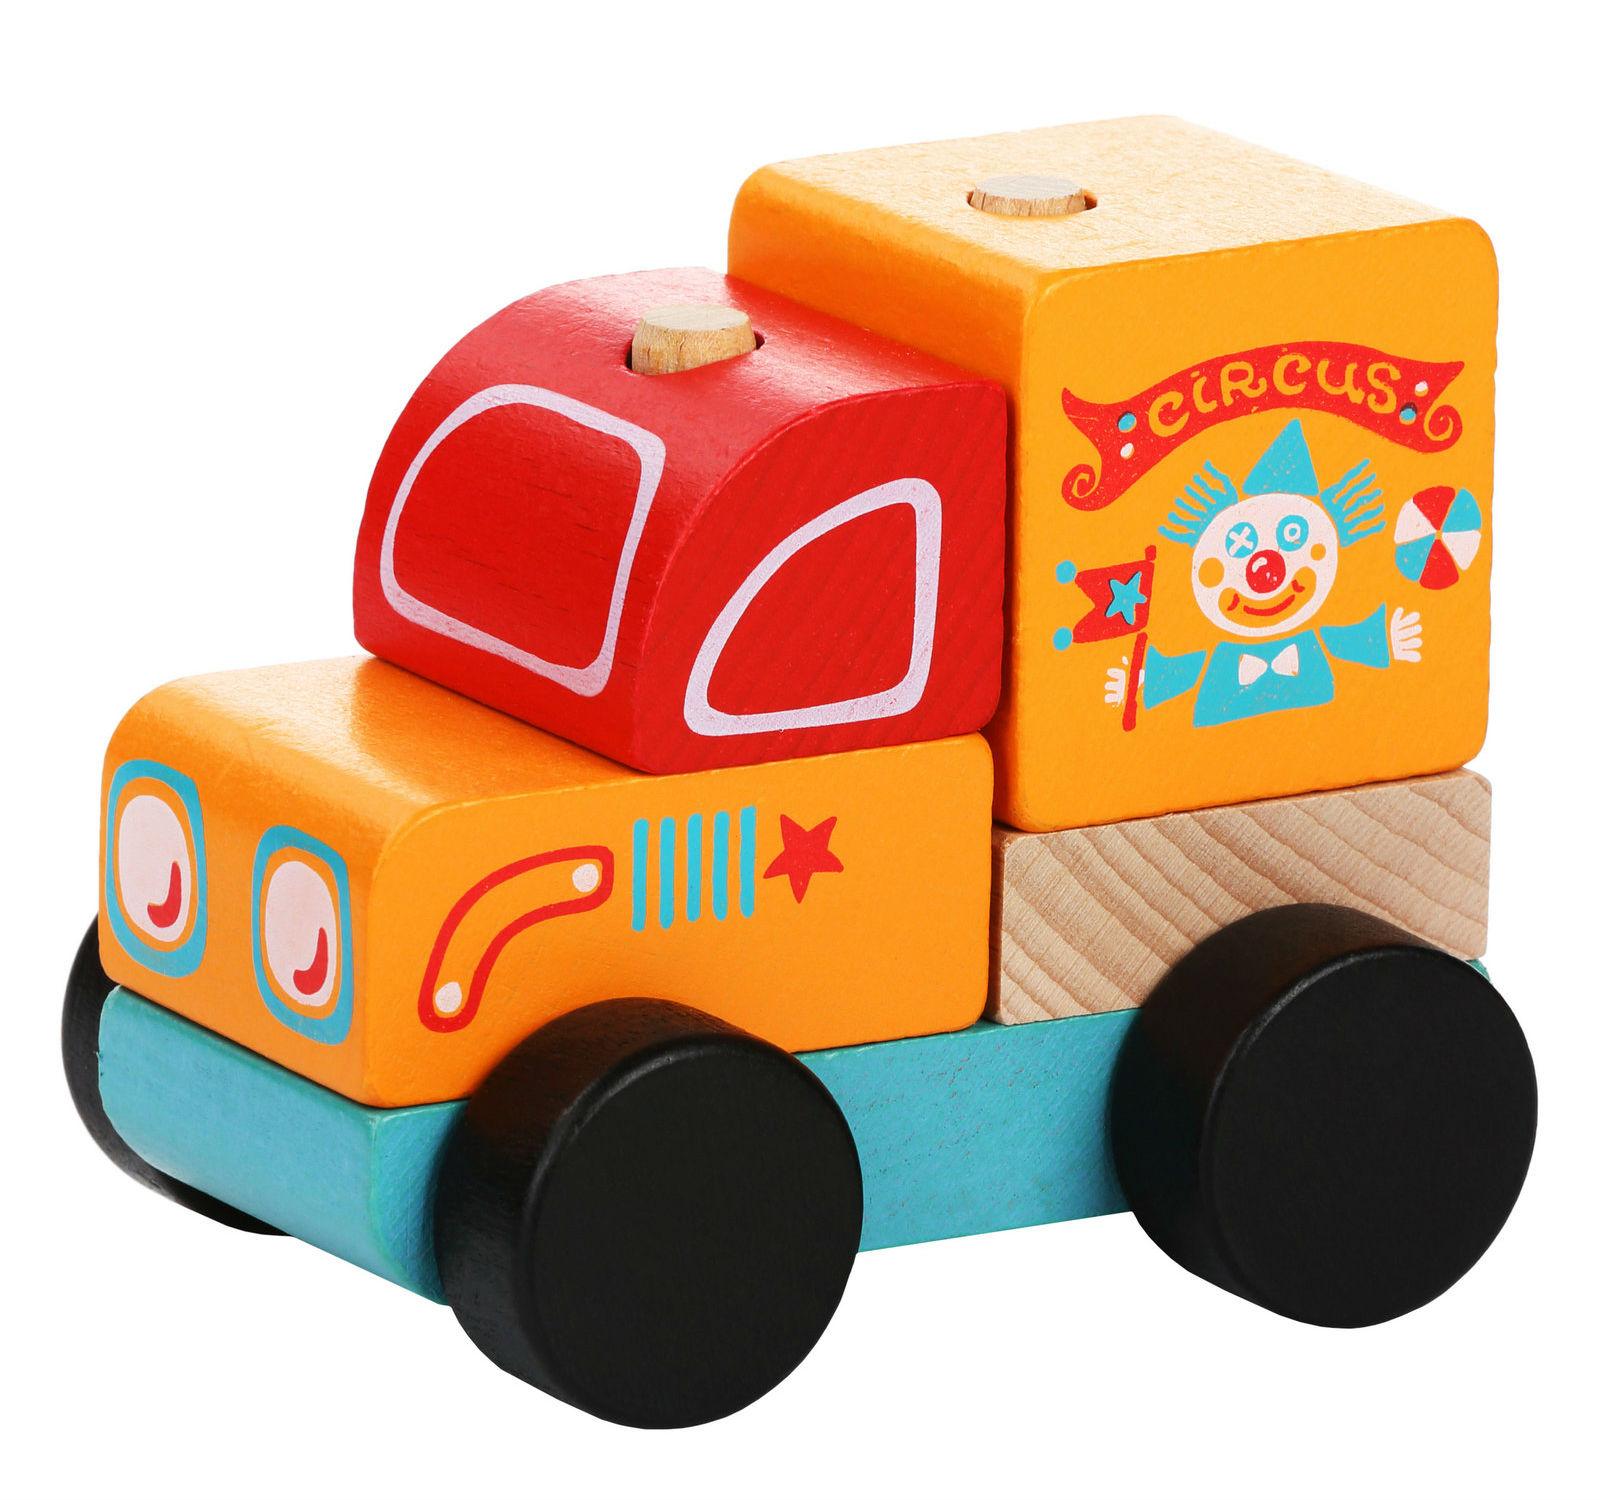 Medinių kaladėlių rinkinys CUBIKA Cirko mašinėlė vaikams nuo 1,5 metų (13166)